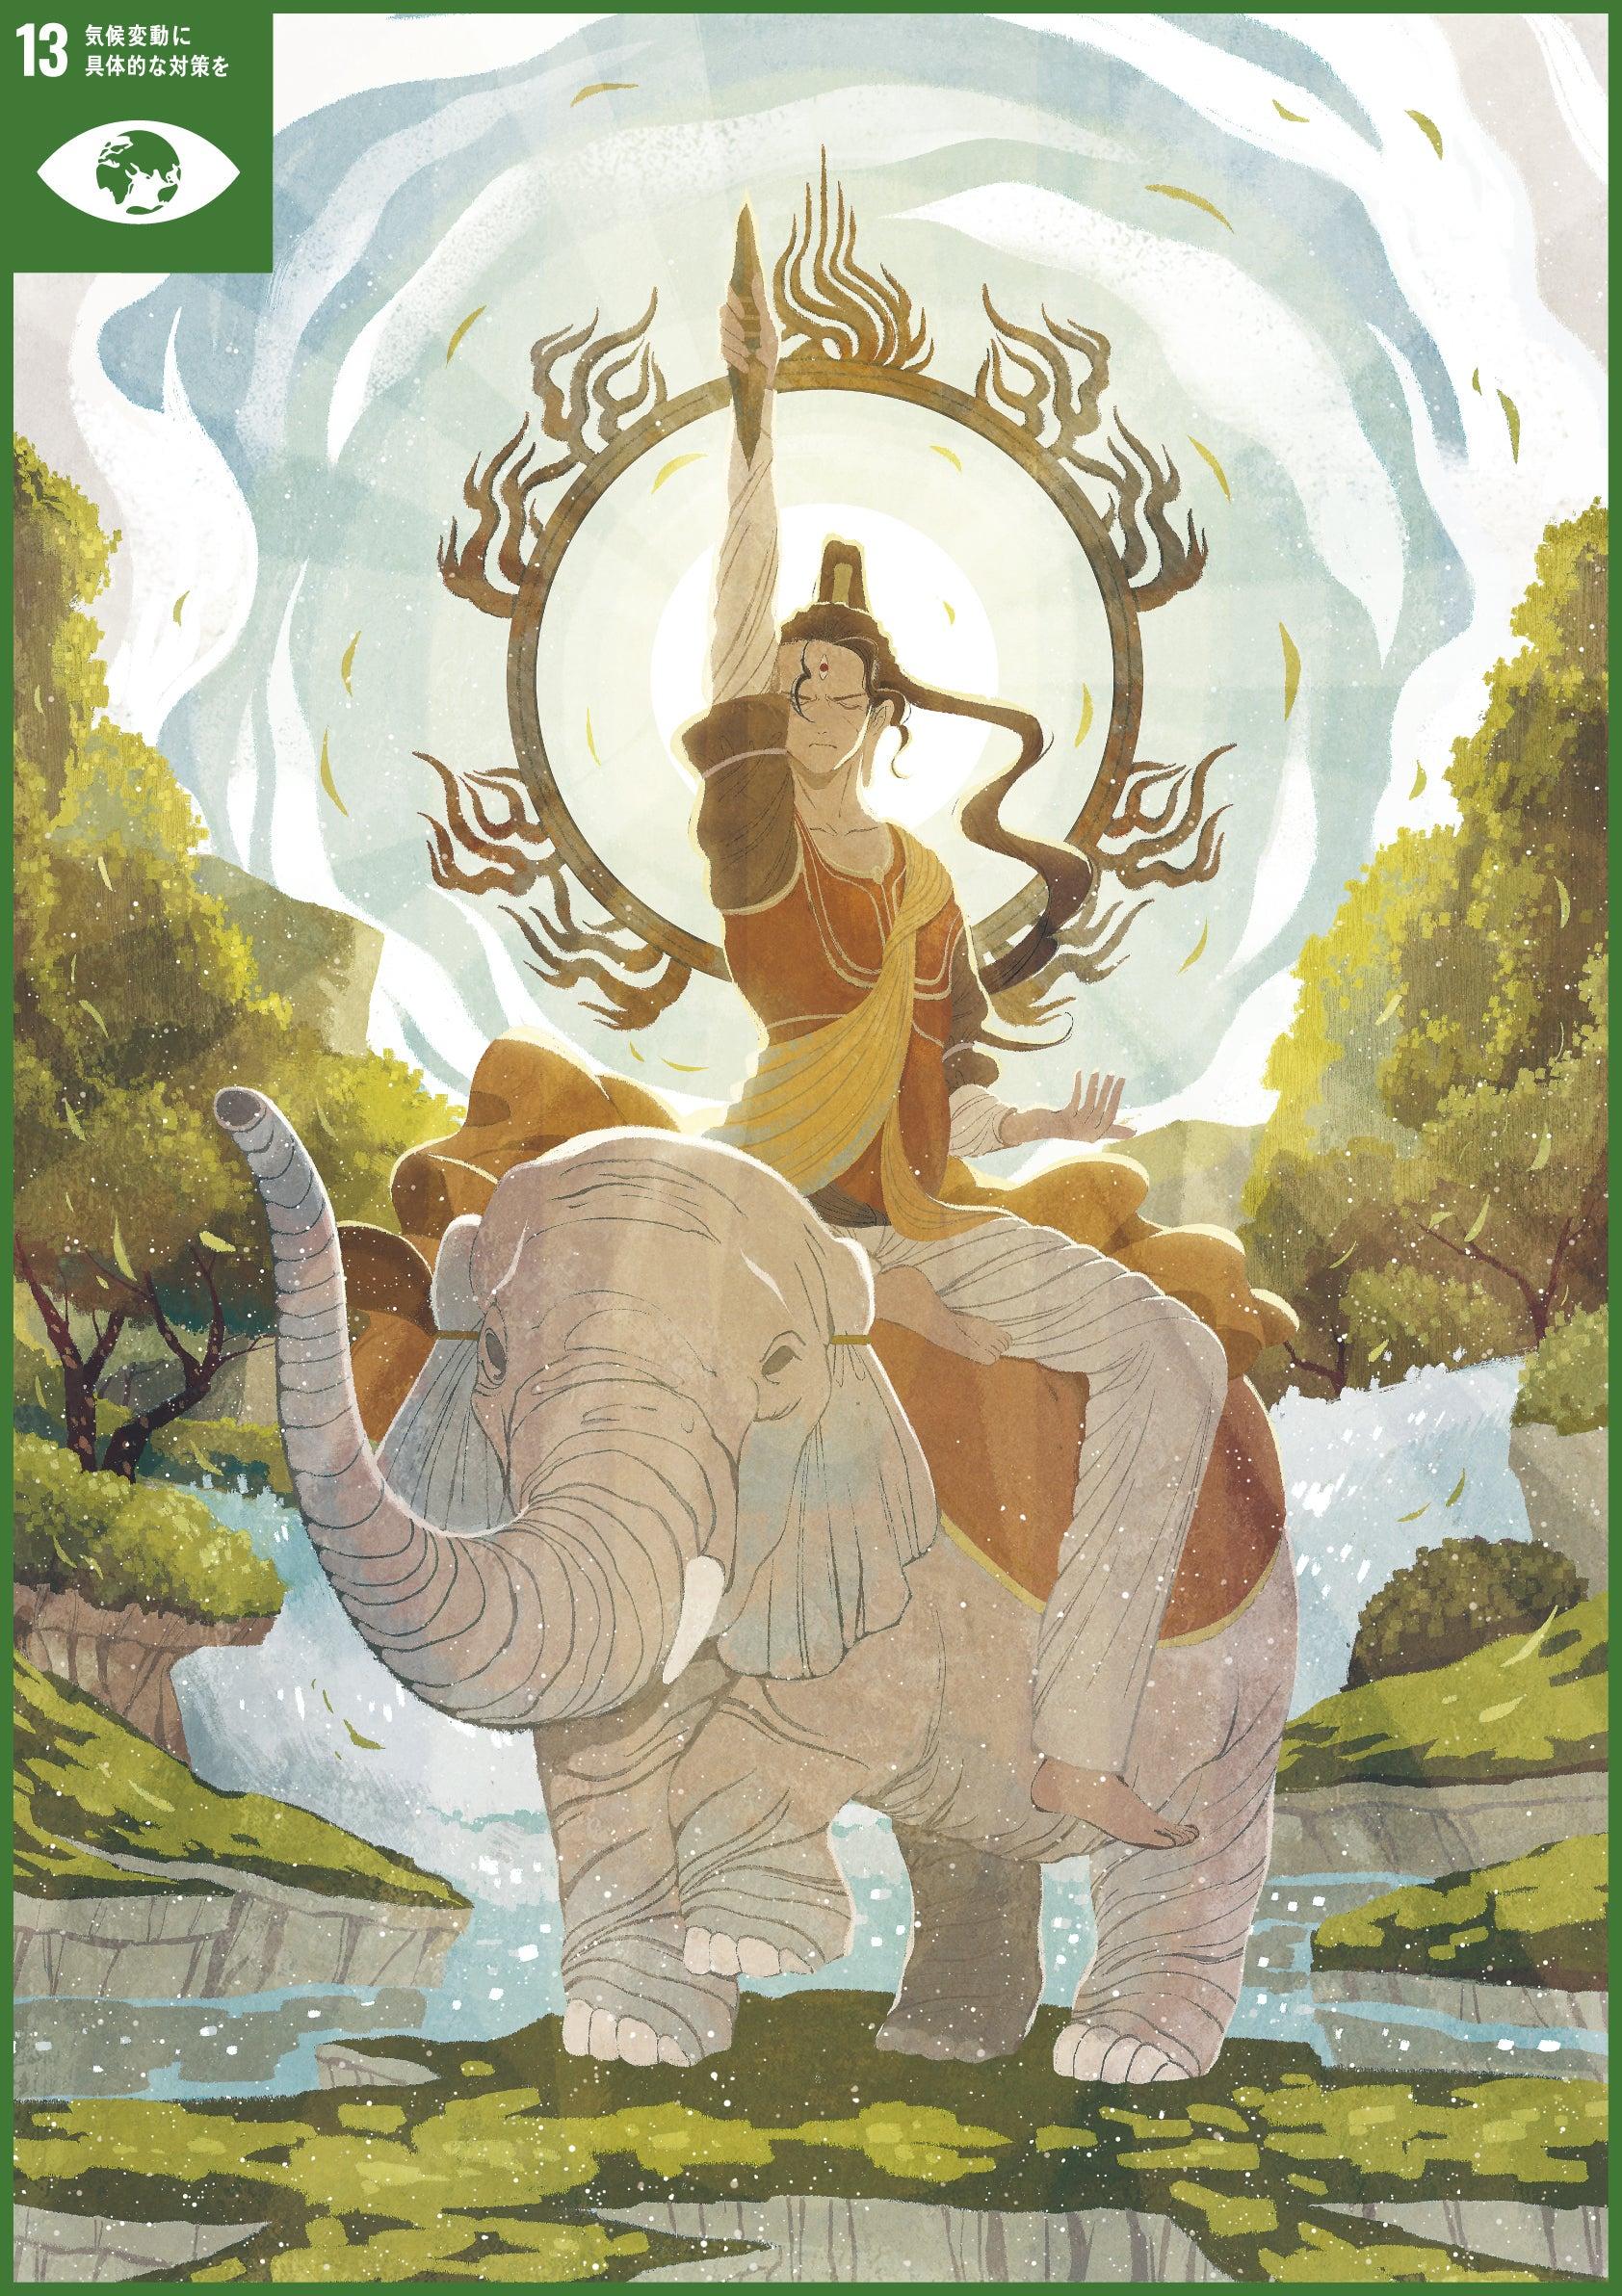 帝釈天 (たいしゃくてん) 「強力な神々の帝王」とも呼ばれ、天部最強の力を持つとされる雷神。